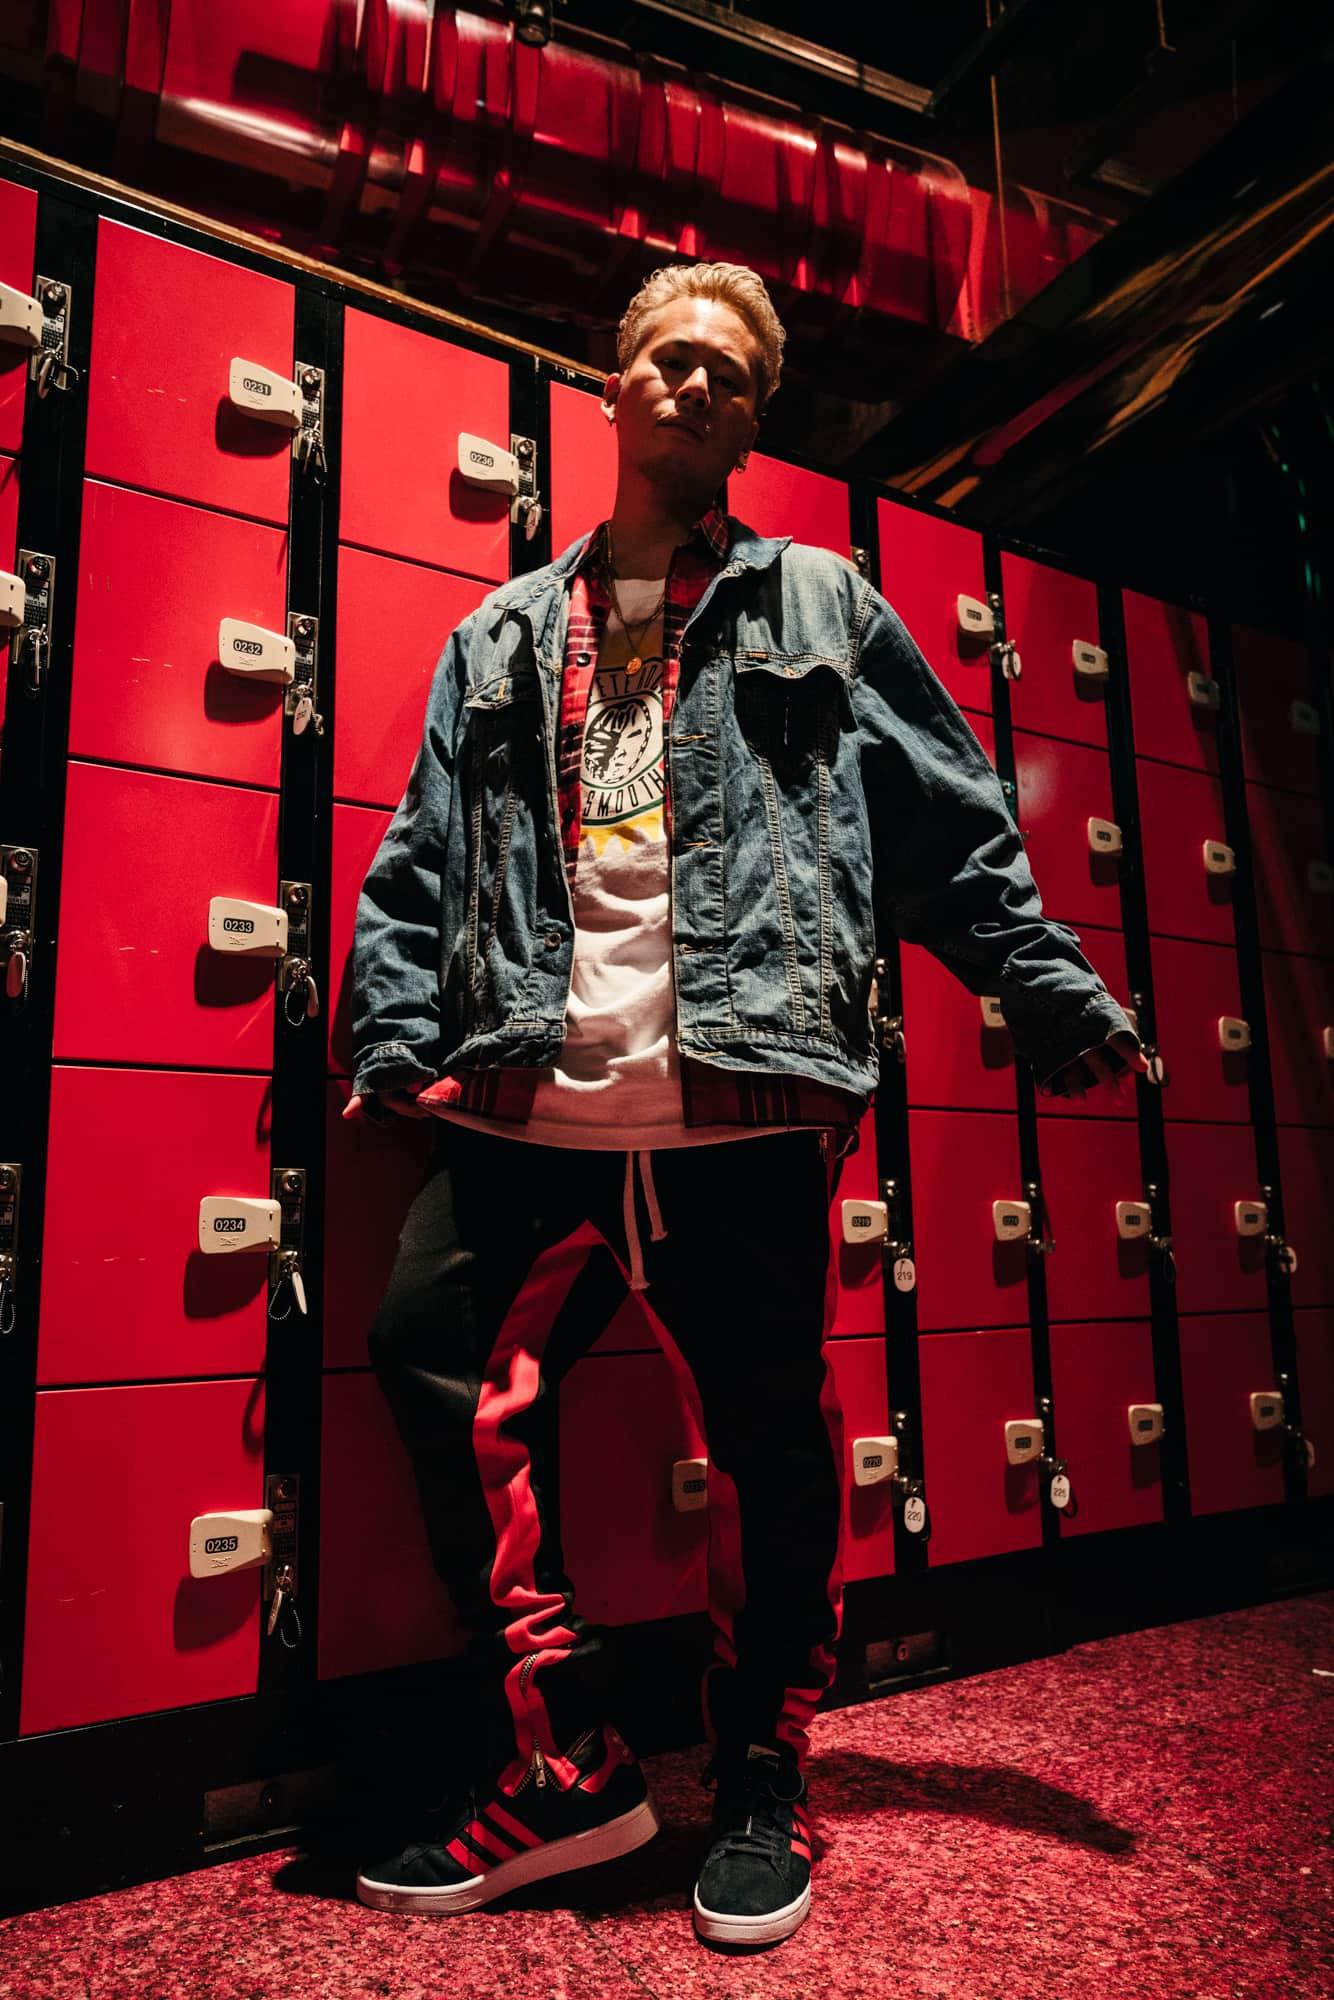 DJ HAL×アディダスの名作モデル・キャンパスのファッションコーデスナップ!DJスタイルやスニーカー歴について聞いてみた@渋谷 HARLEM